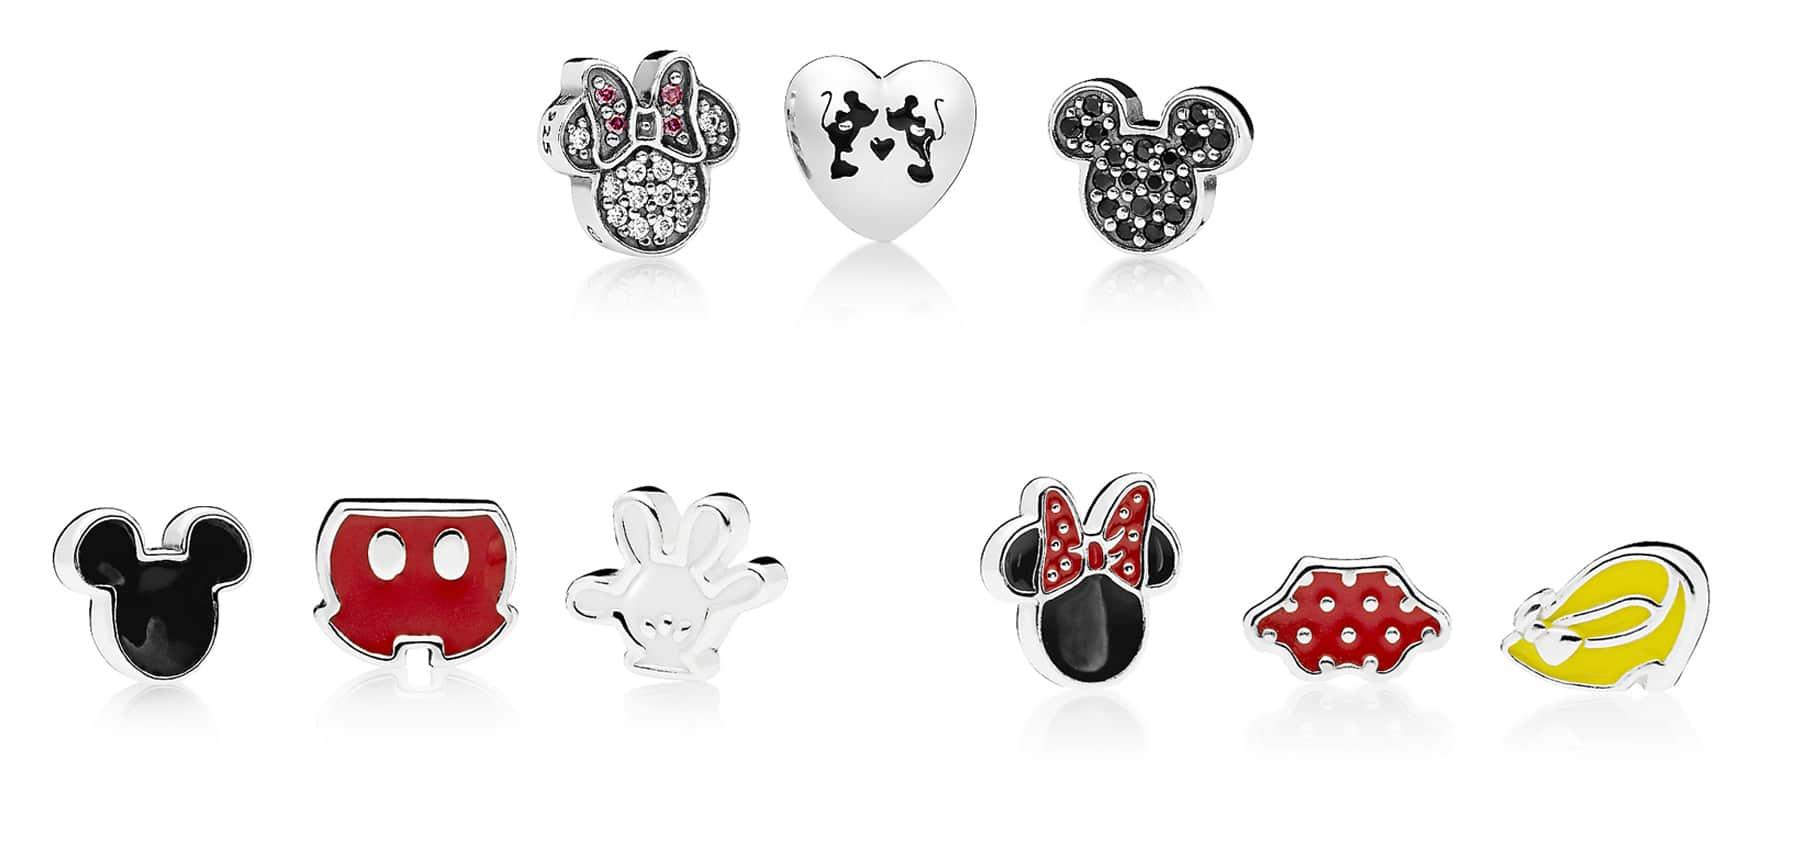 Nuova collezione Disney per Pandora